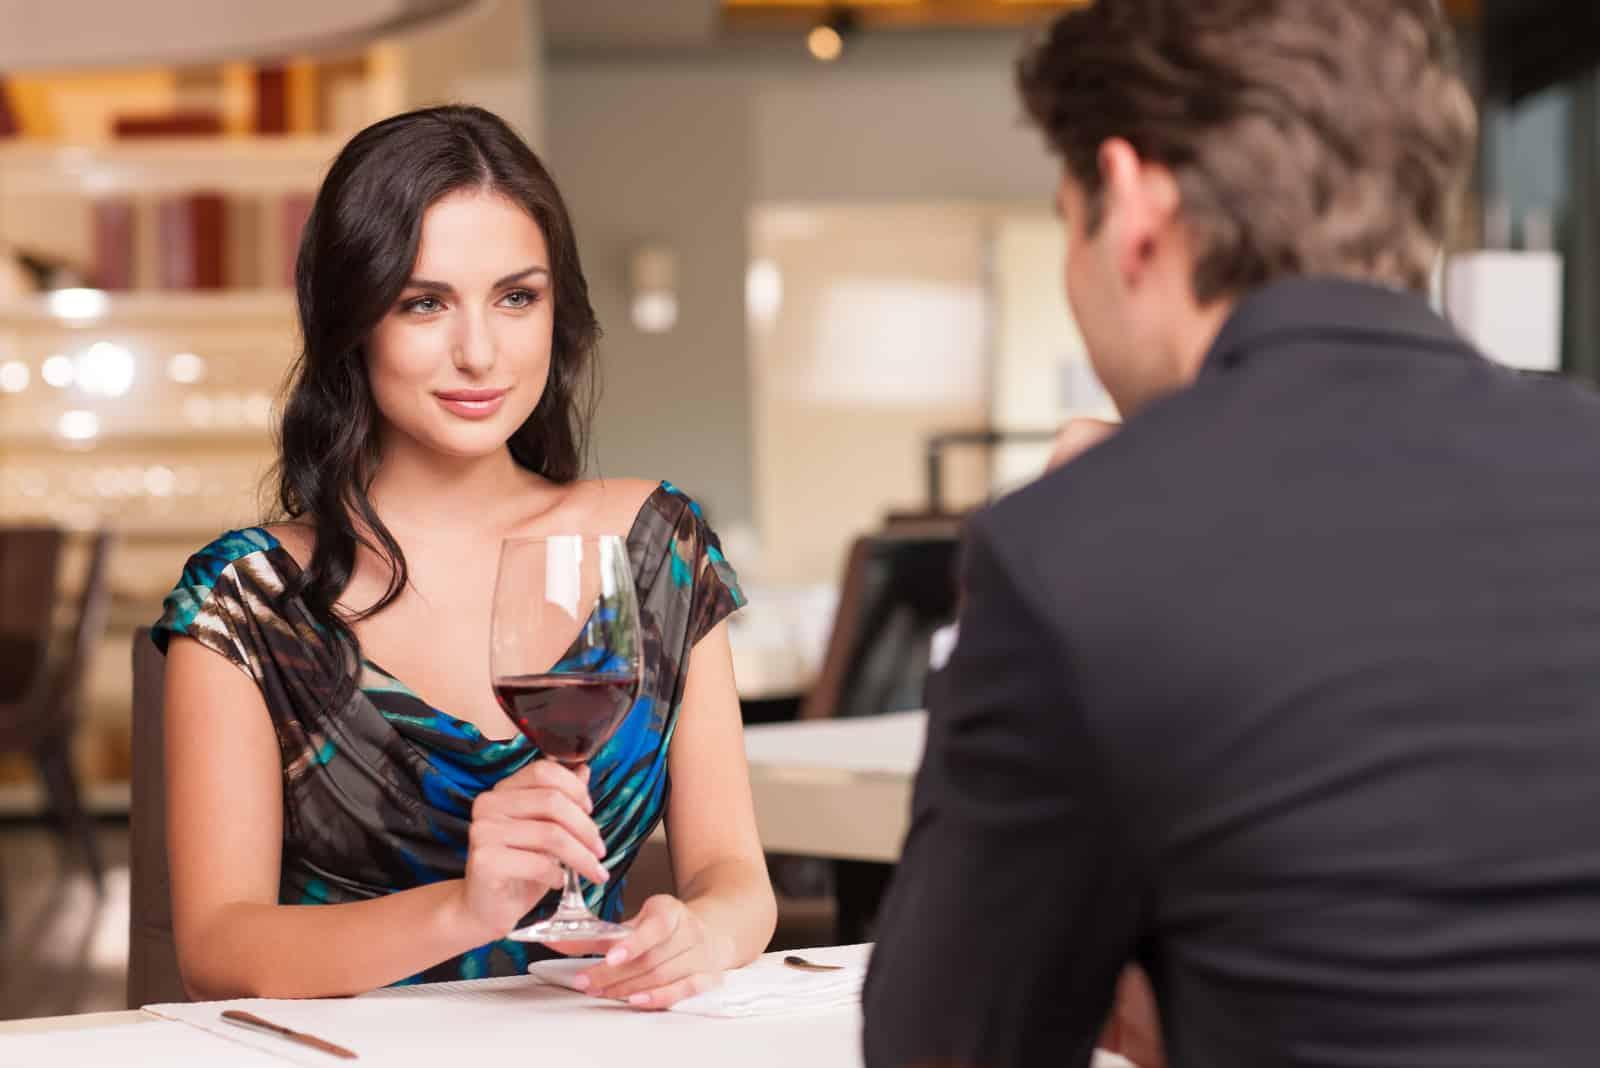 Paar sitzt und redet